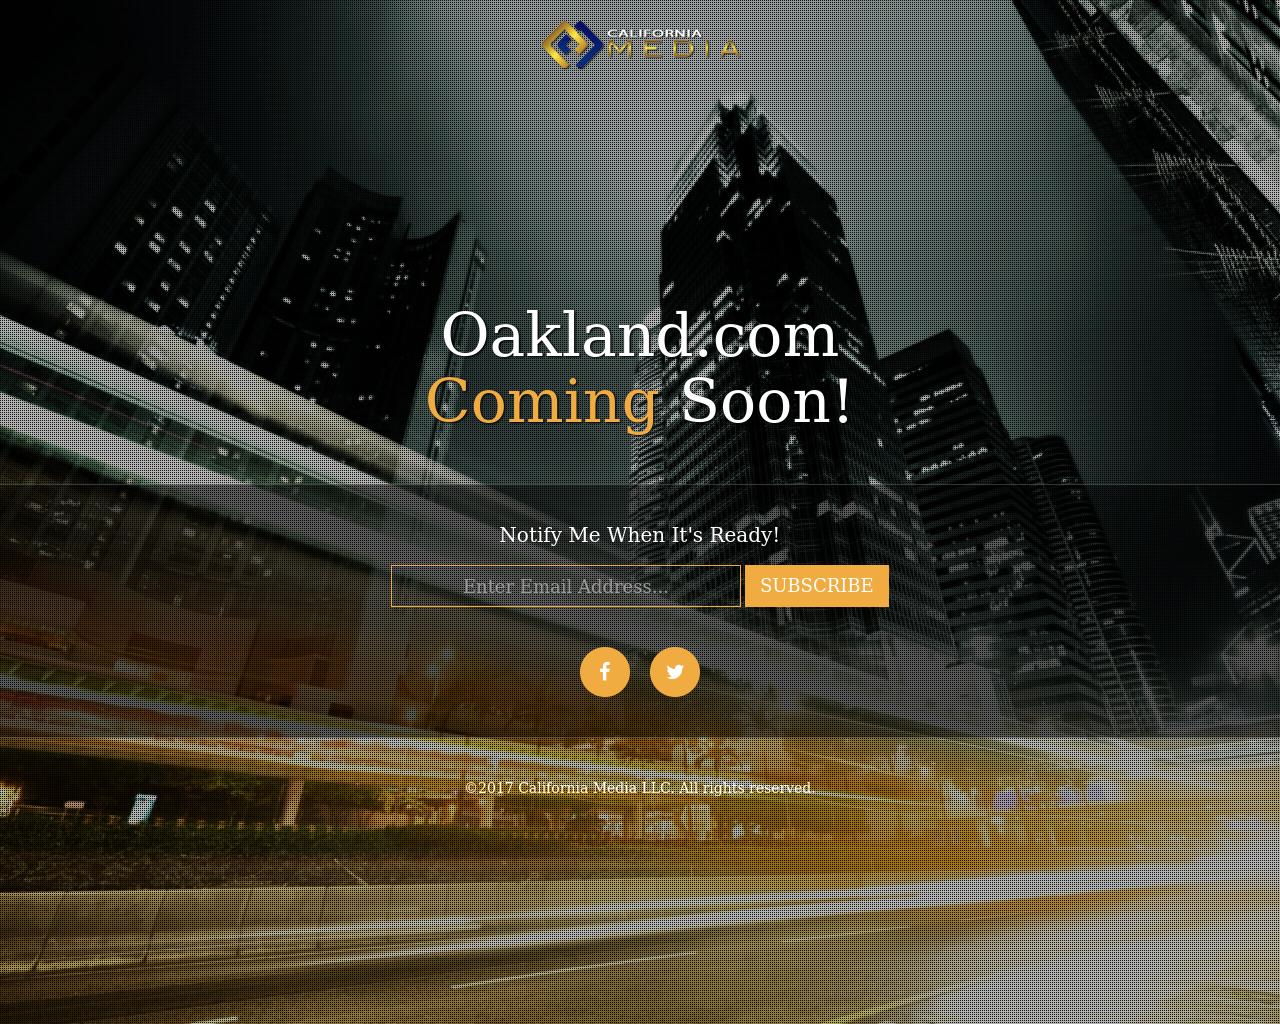 Oakland.com-Advertising-Reviews-Pricing